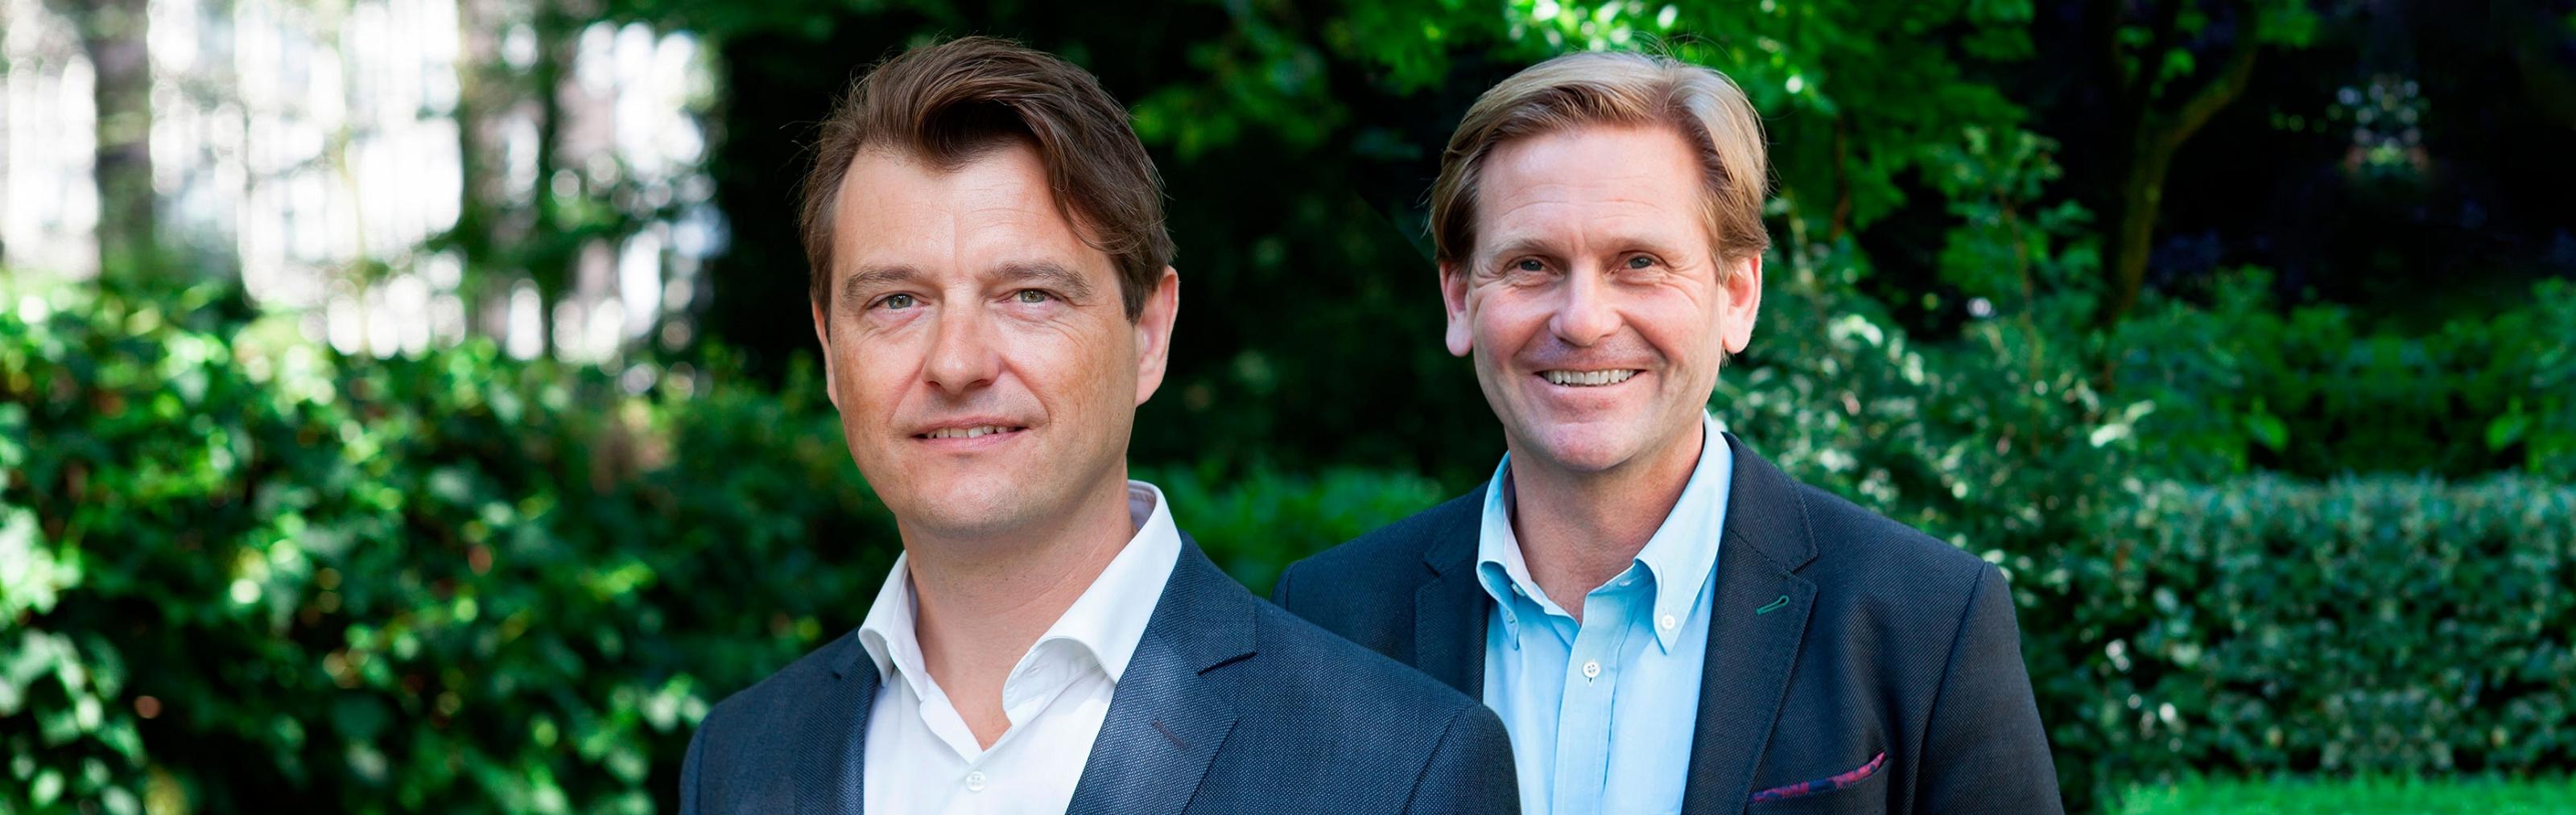 Jorge Oudendijk en Jurgen Jaab